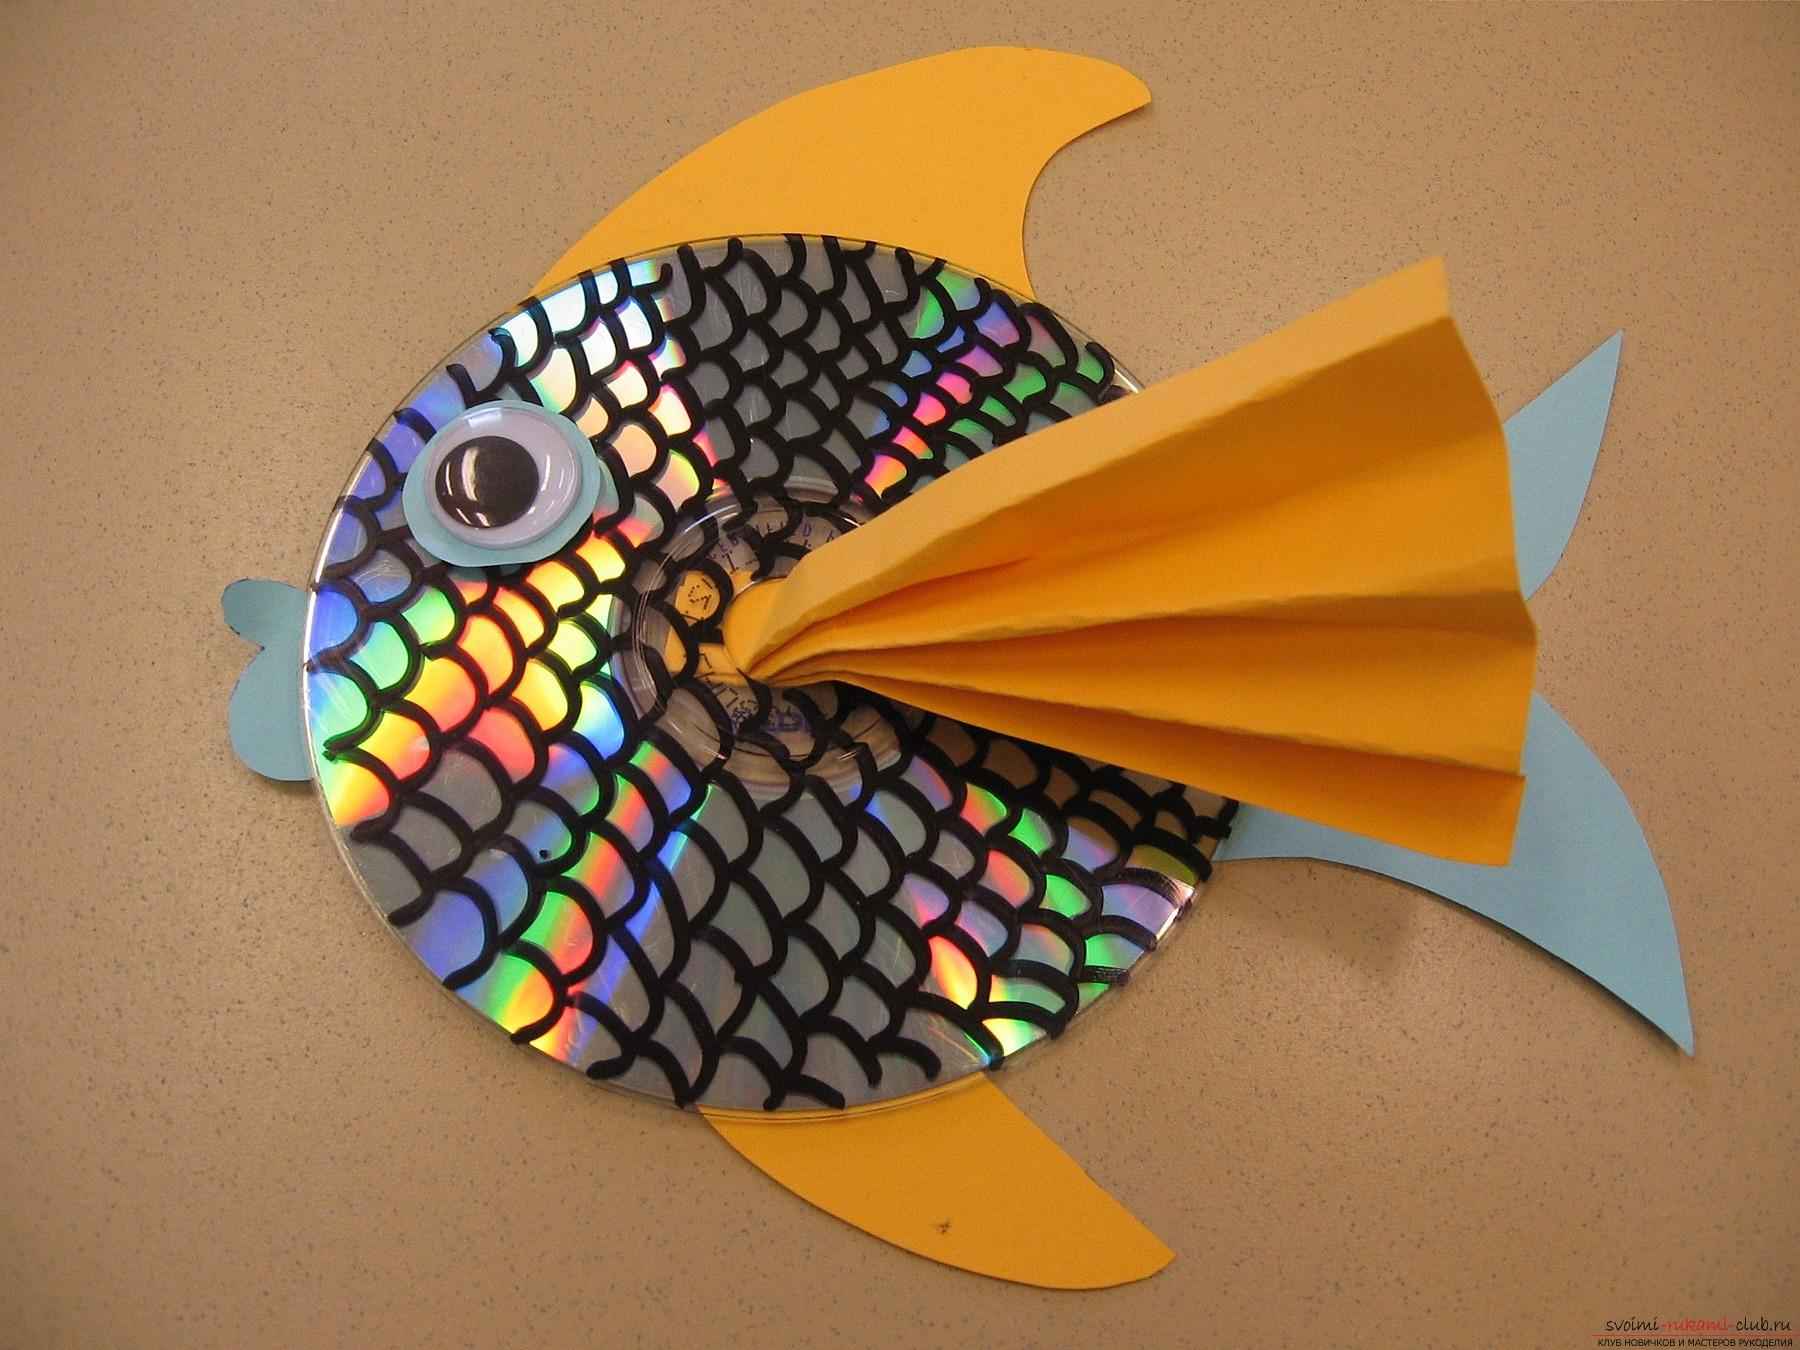 Объемная золотая рыбка из пенопласта своими руками как сделать фото 549